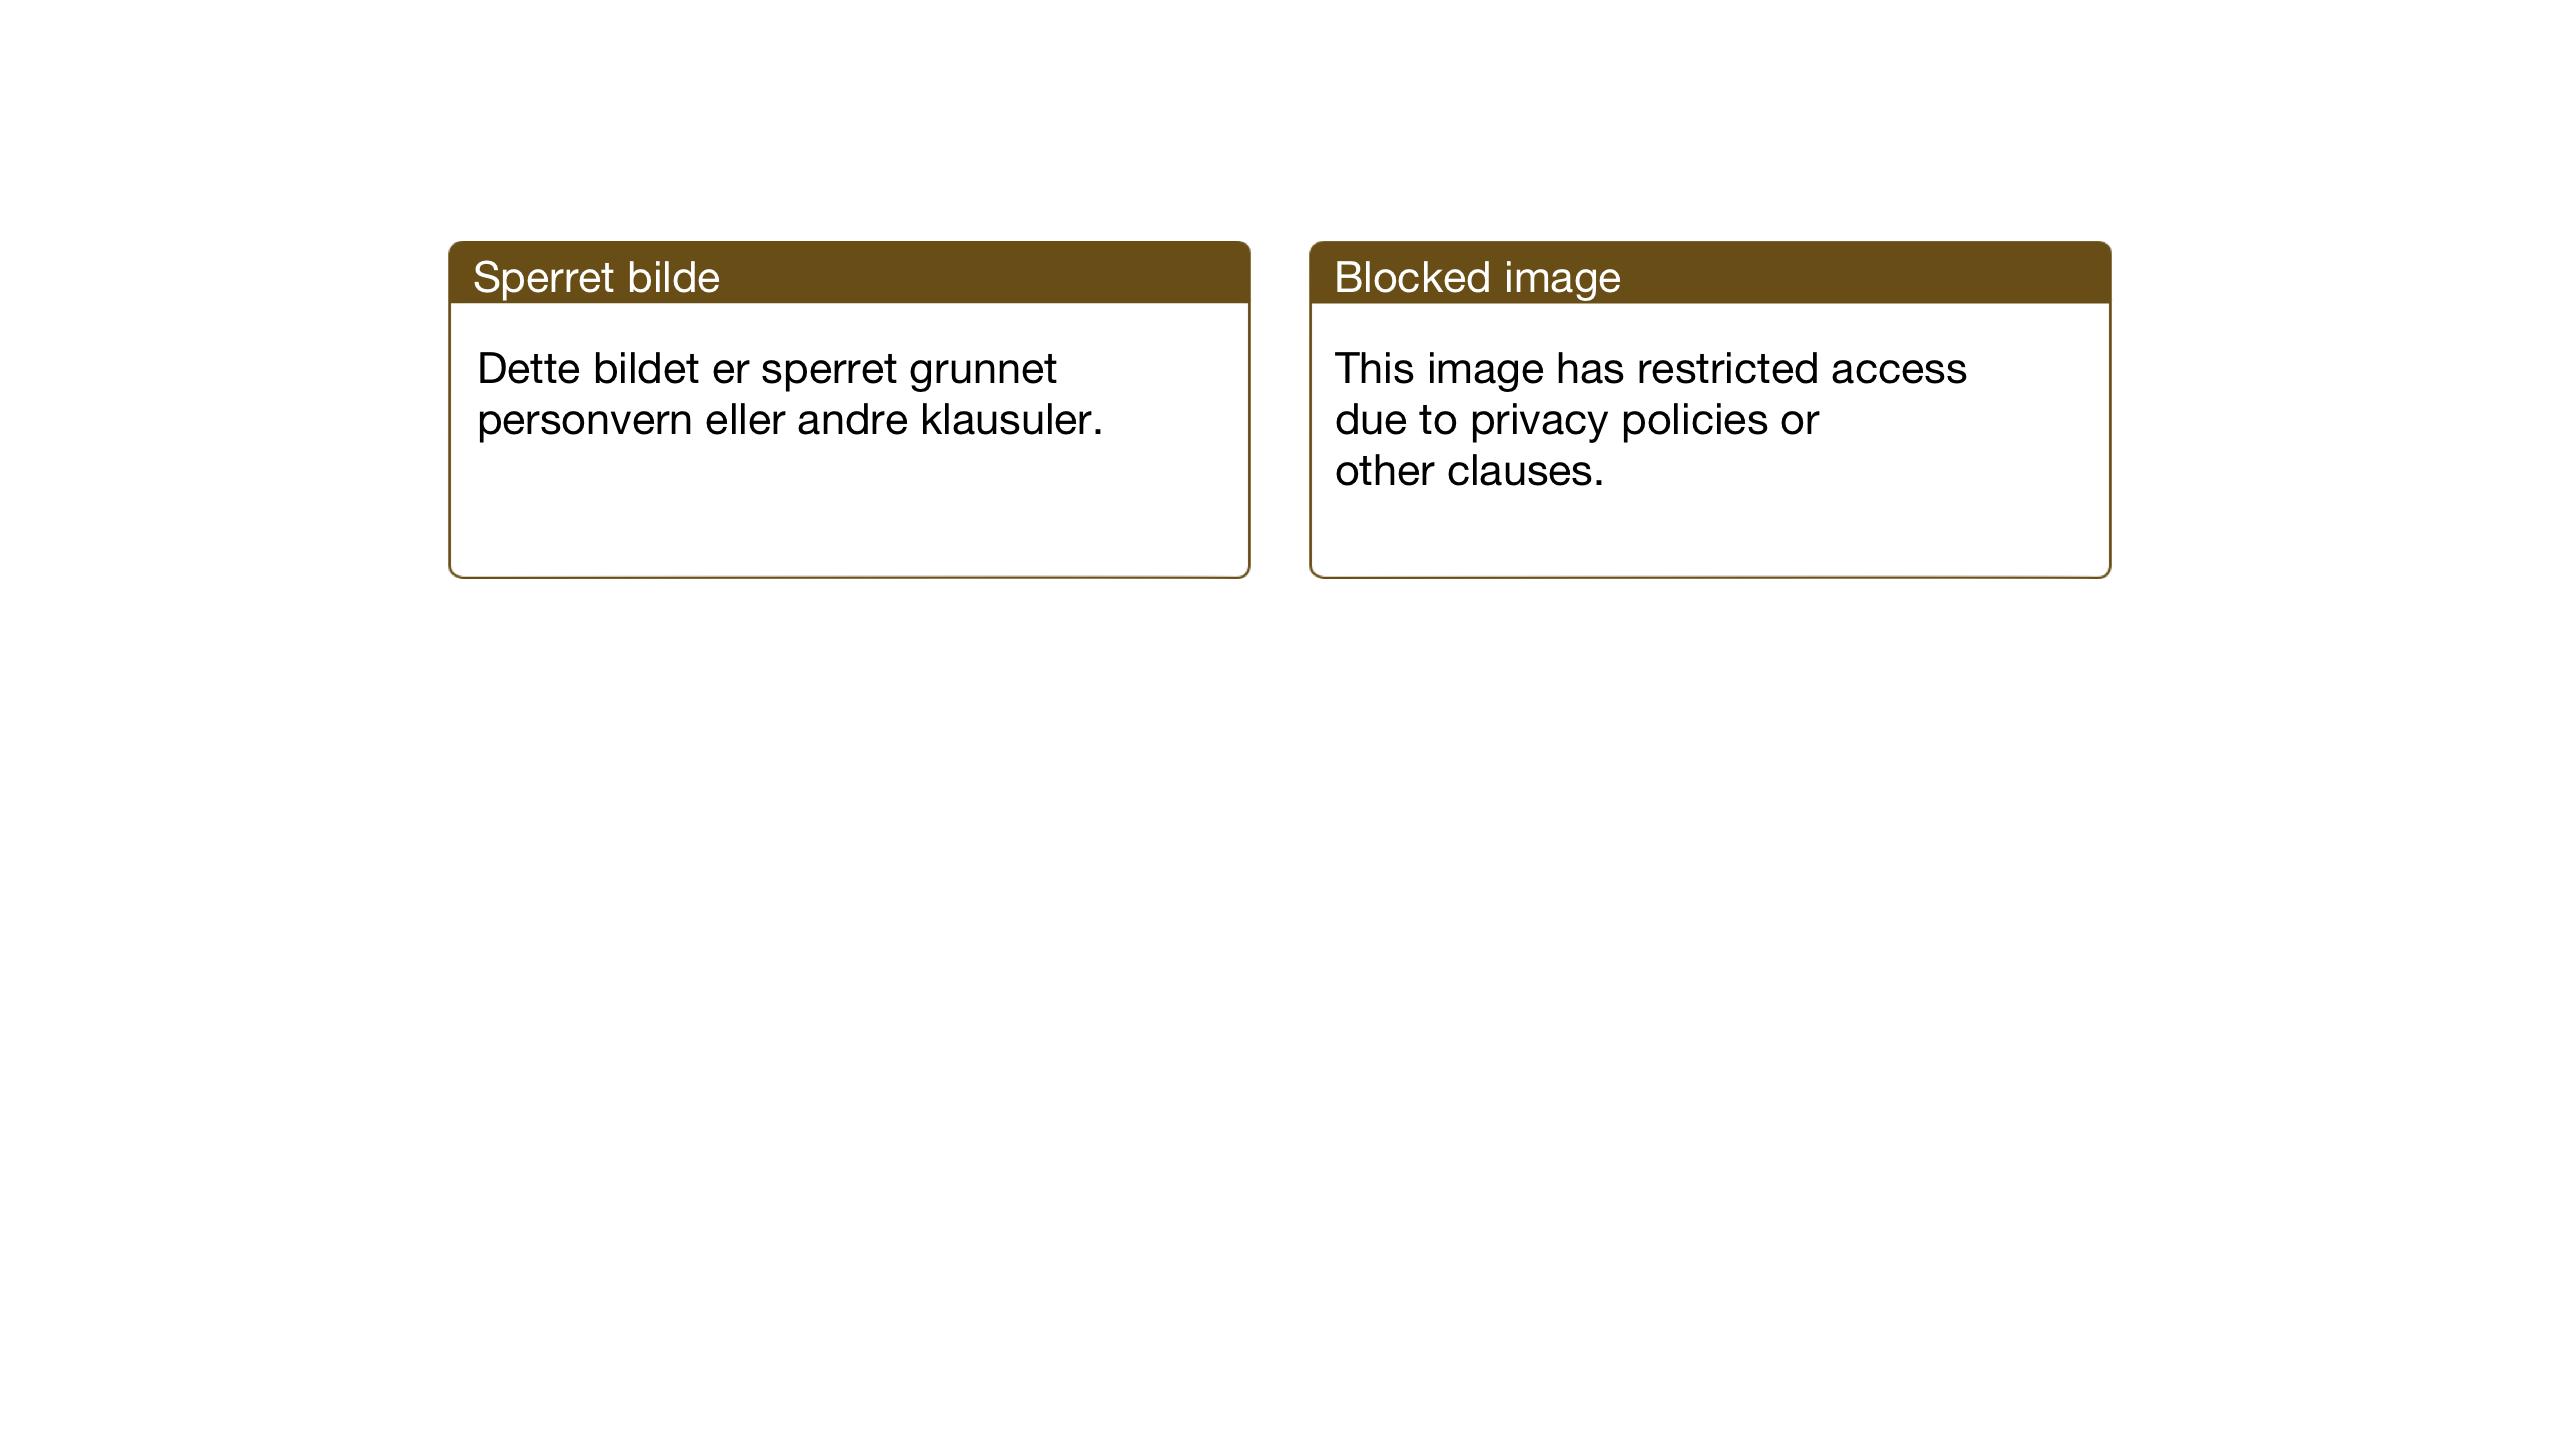 SAT, Ministerialprotokoller, klokkerbøker og fødselsregistre - Nord-Trøndelag, 733/L0328: Klokkerbok nr. 733C03, 1919-1966, s. 77